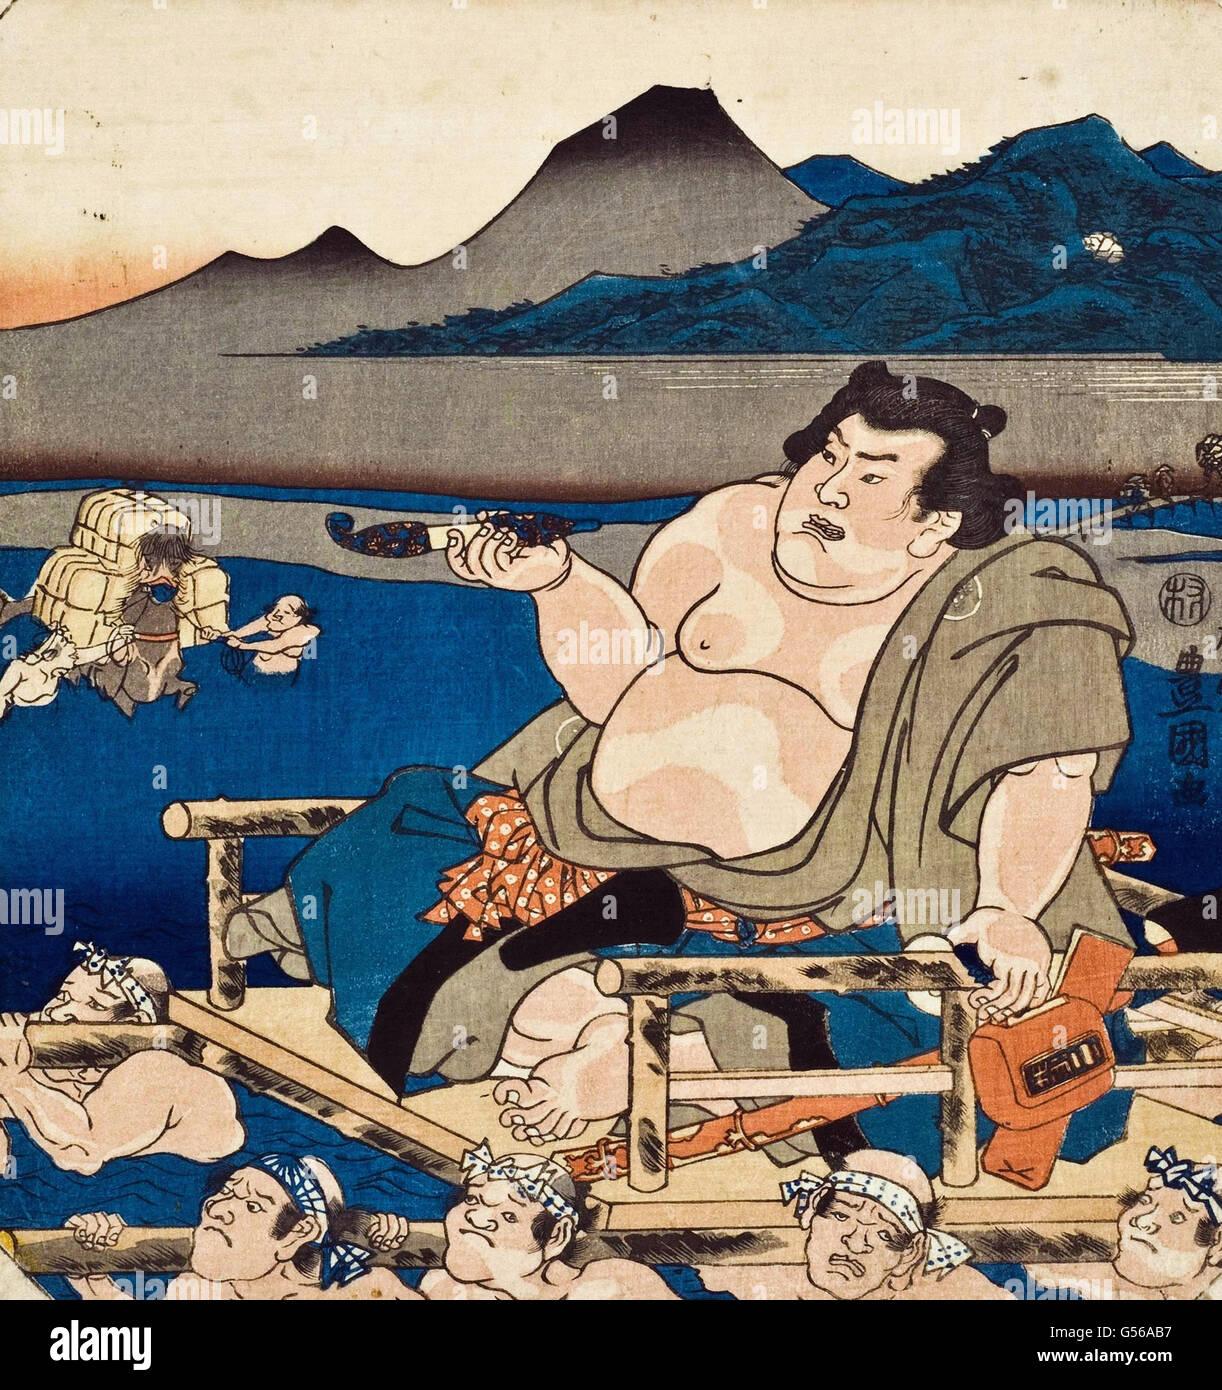 Utagawa Kunisada - Xilogravura Imagens de Stock